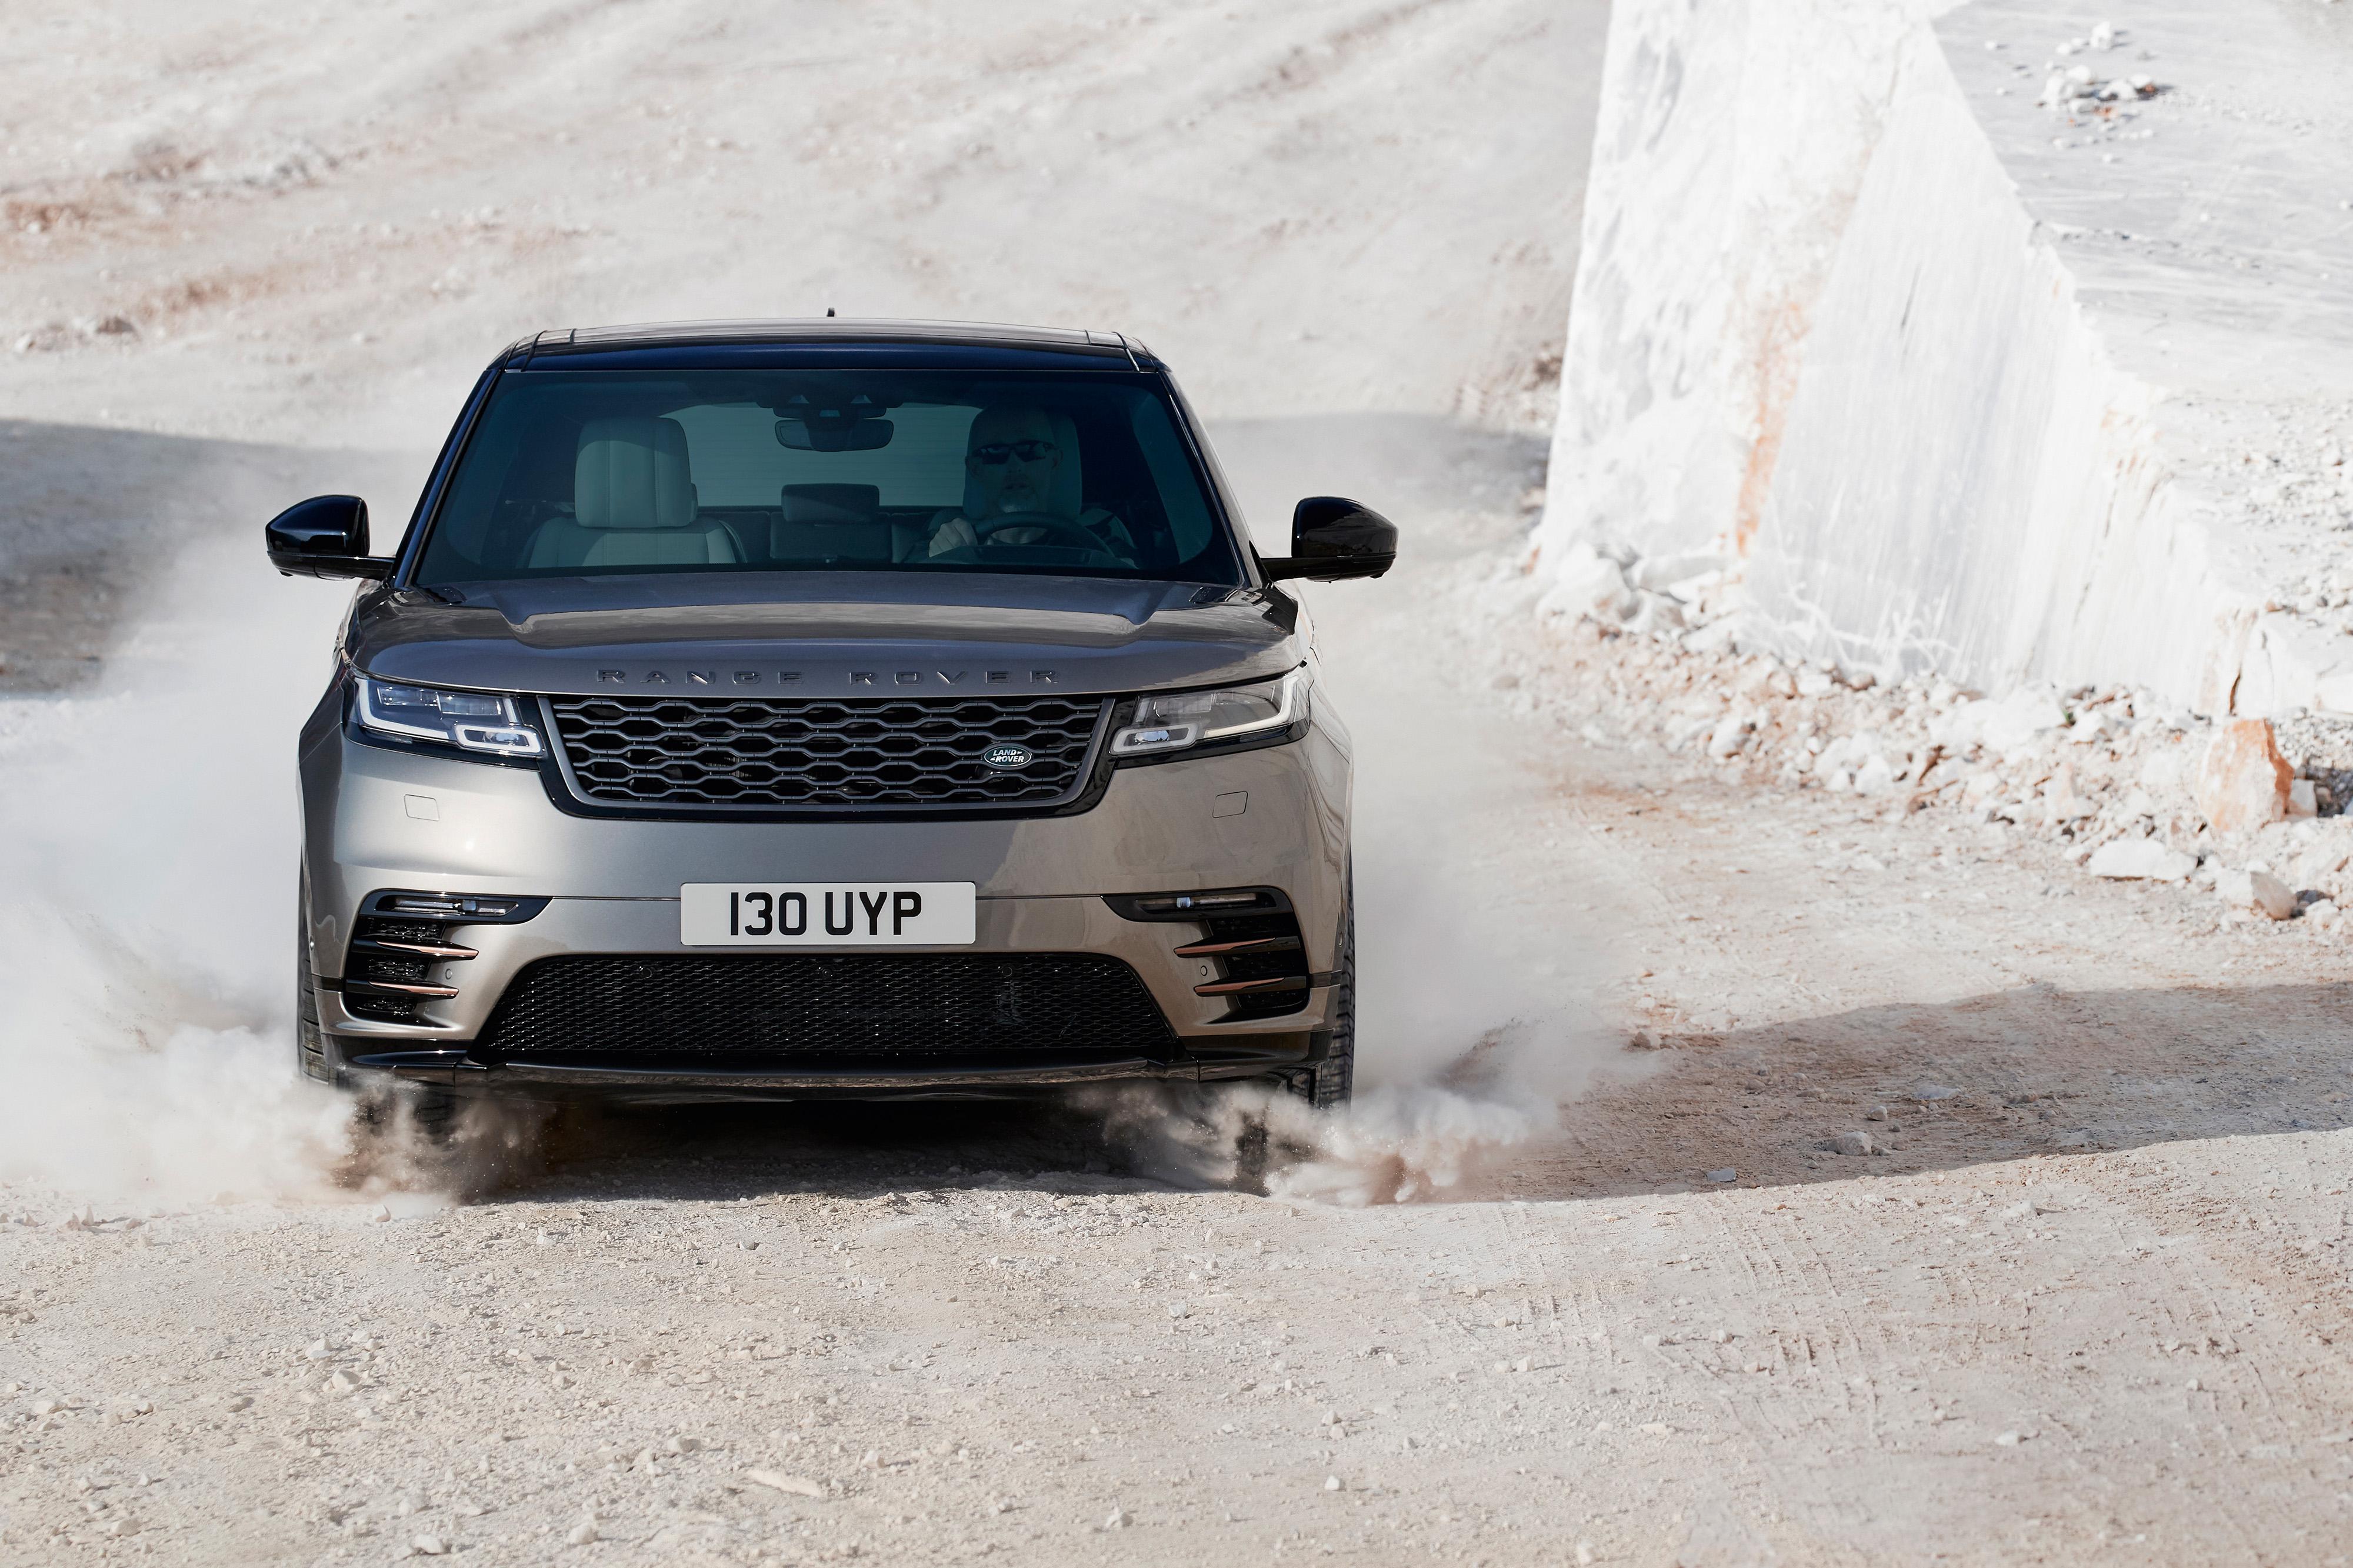 Fondos De Pantalla Vehículo Porsche Show De Net: Fondos De Pantalla : Vehículo, Range Rover, Land Rover